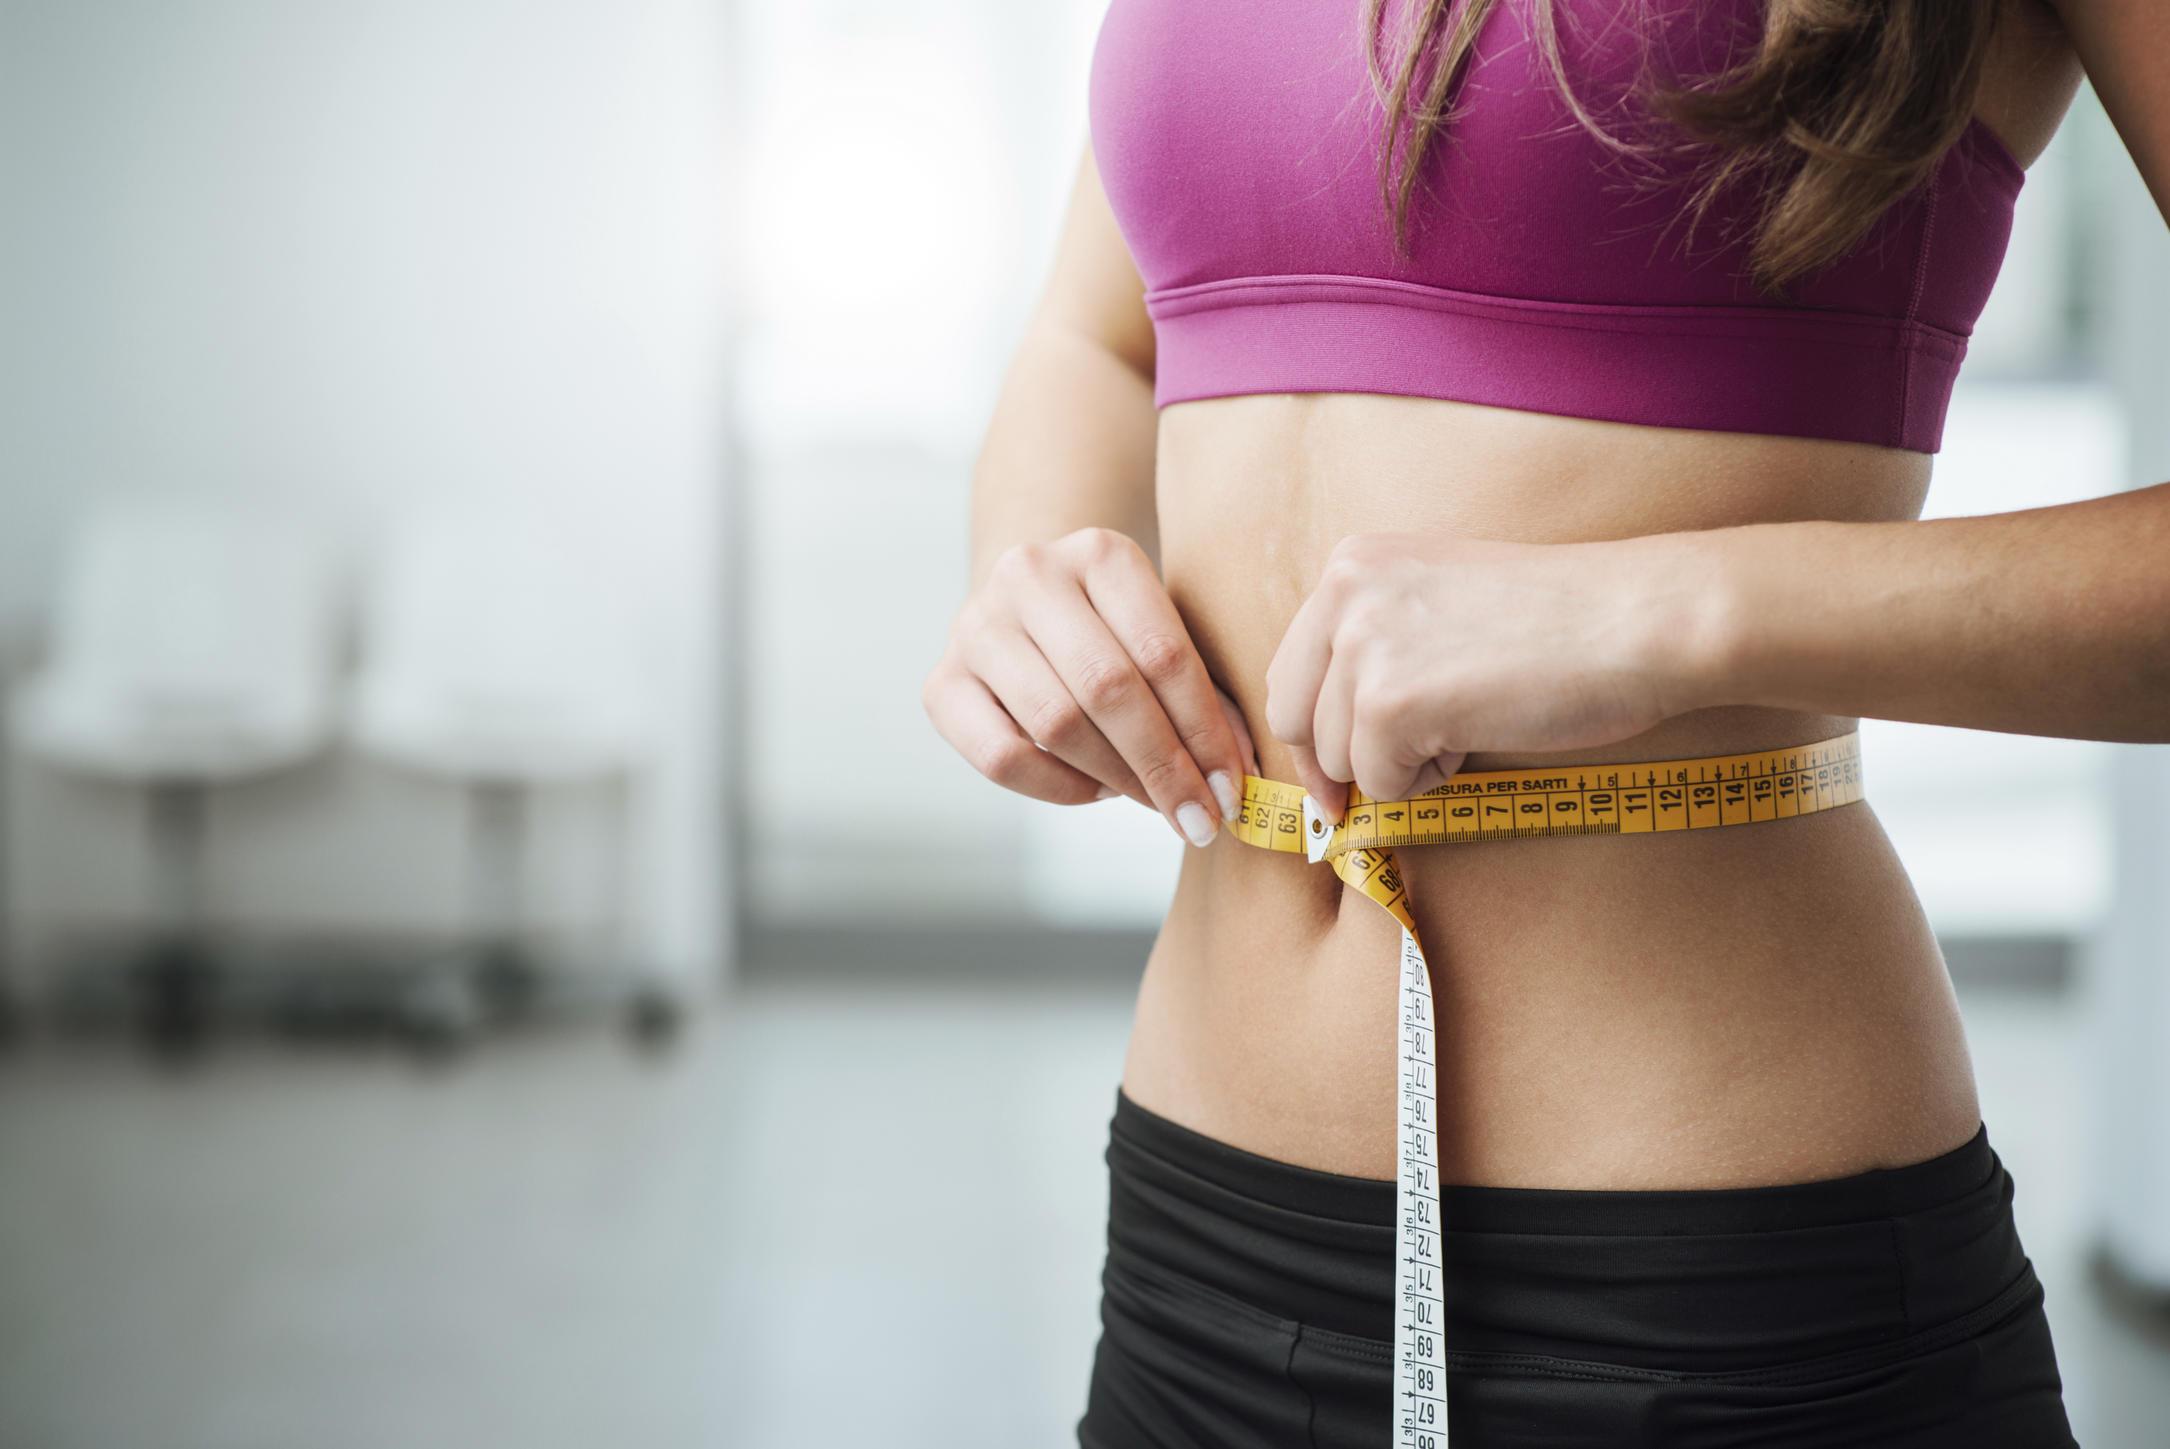 Как Помогает Похудеть Фитнес. Помогает ли фитнес похудеть?